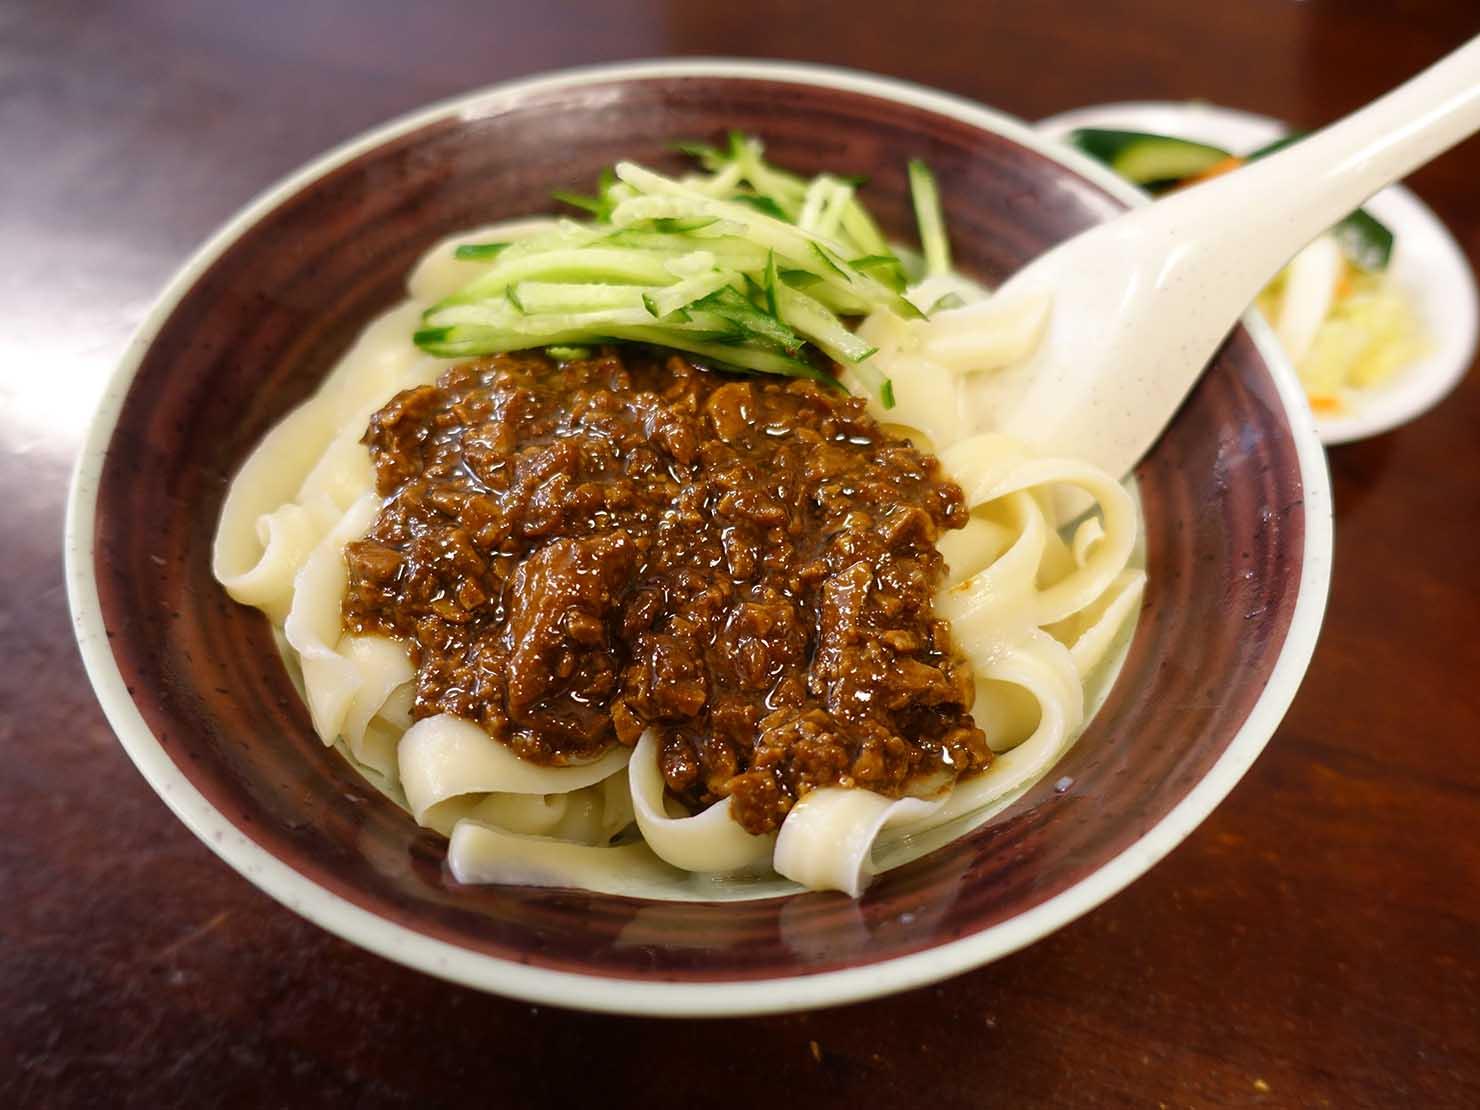 台北・永康街のおすすめグルメ店「永康刀削麵」の炸醬麵(ジャージャー麺)